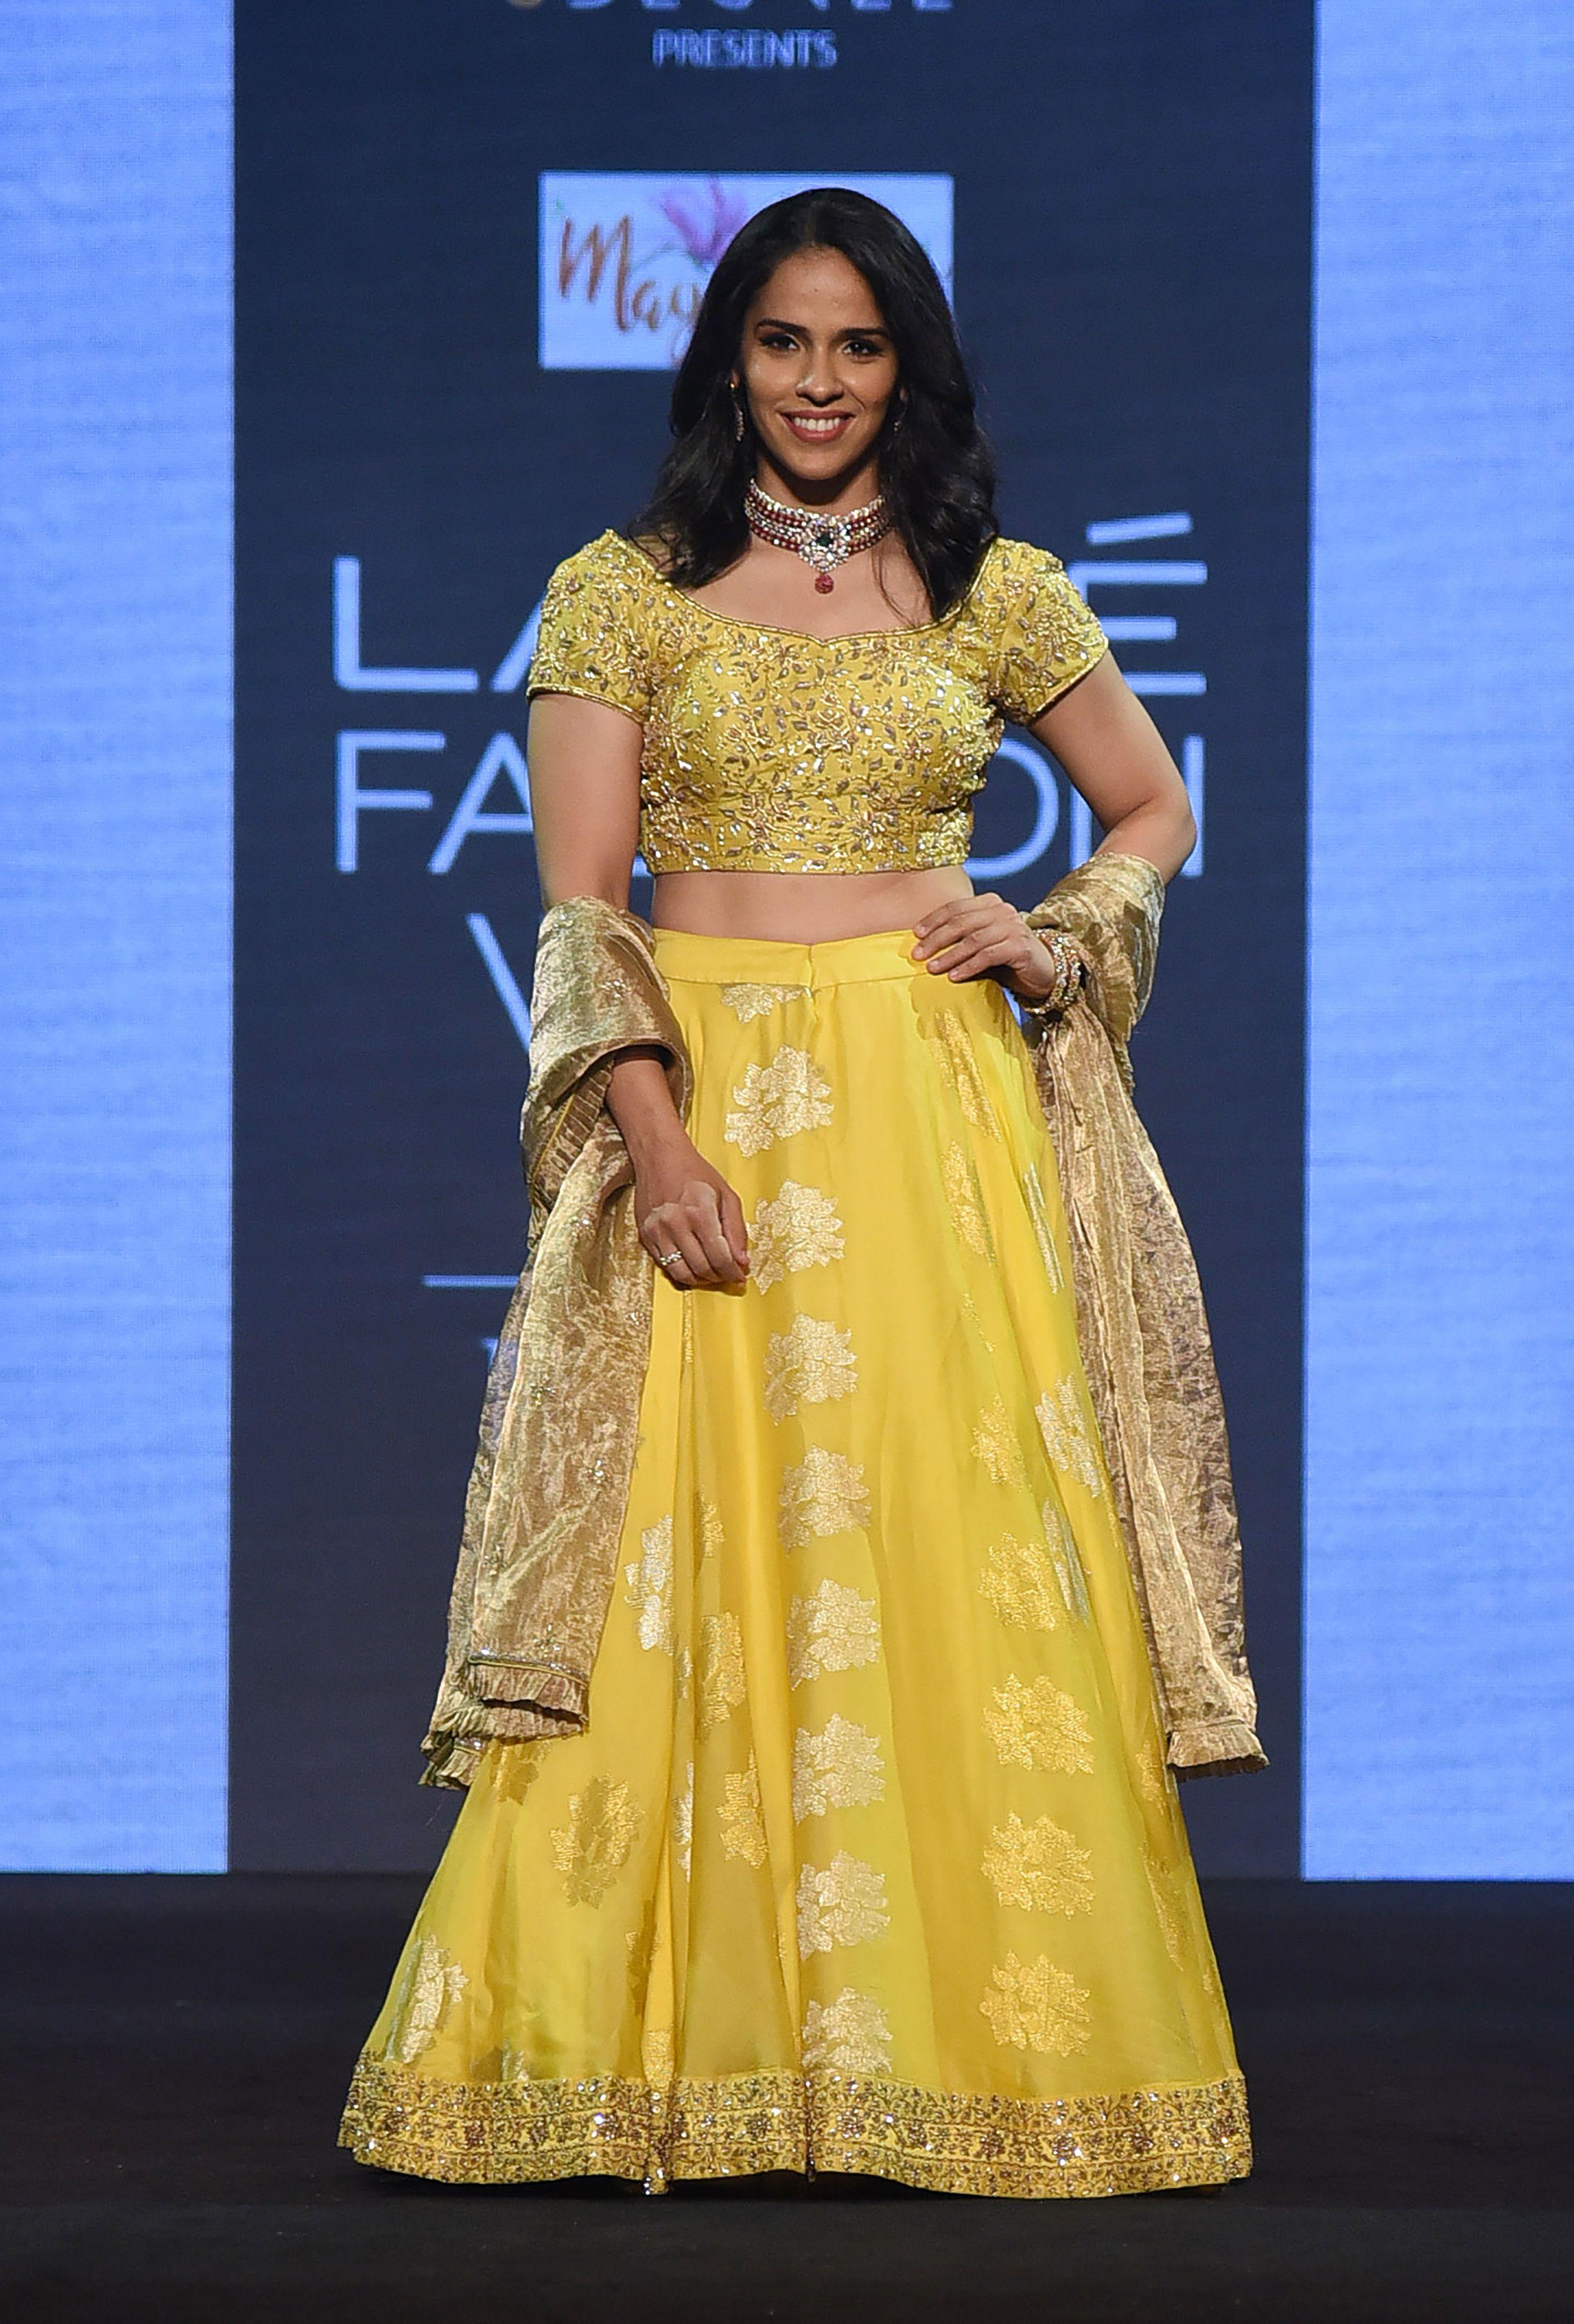 PV Sindhu wore short dress, outplayed Saina Nehwal, people kept watching